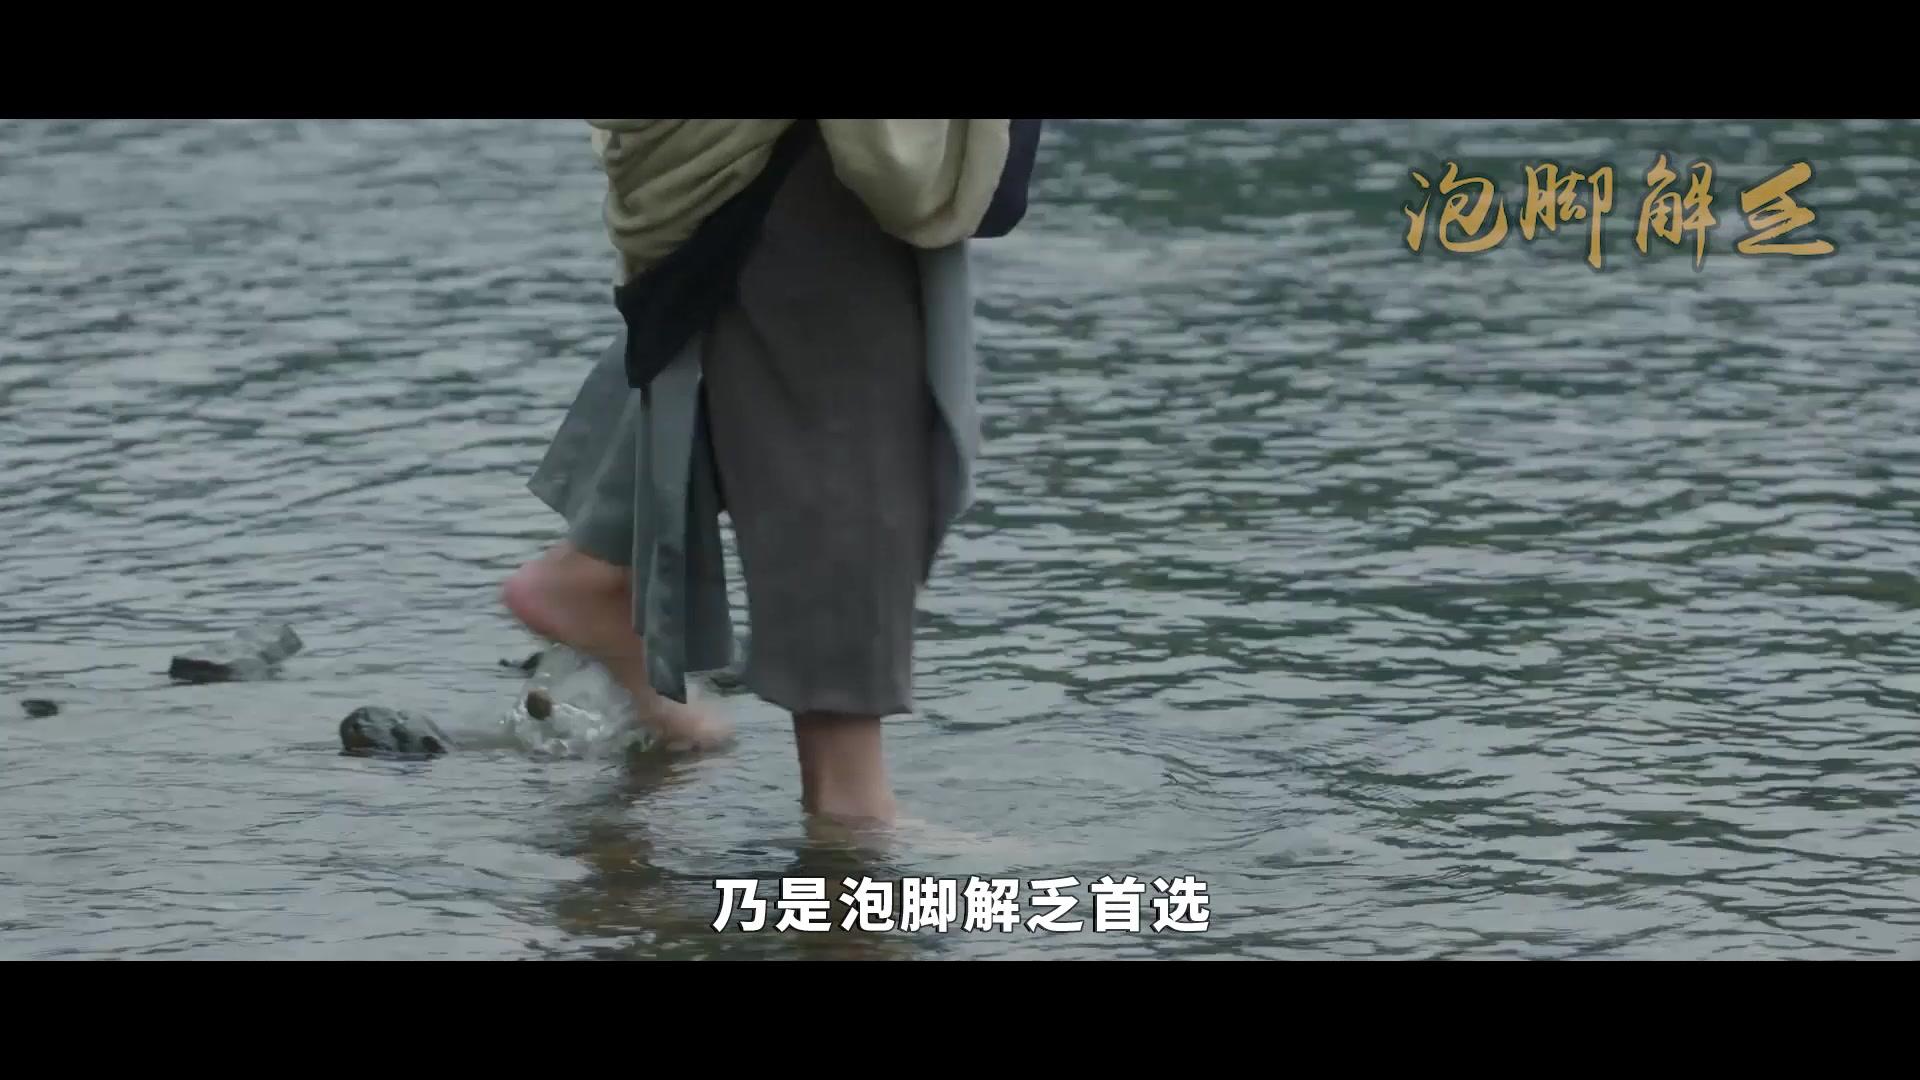 #追剧不能停#《清平乐》五一特辑!大宋旅游攻略新鲜出炉,请查收